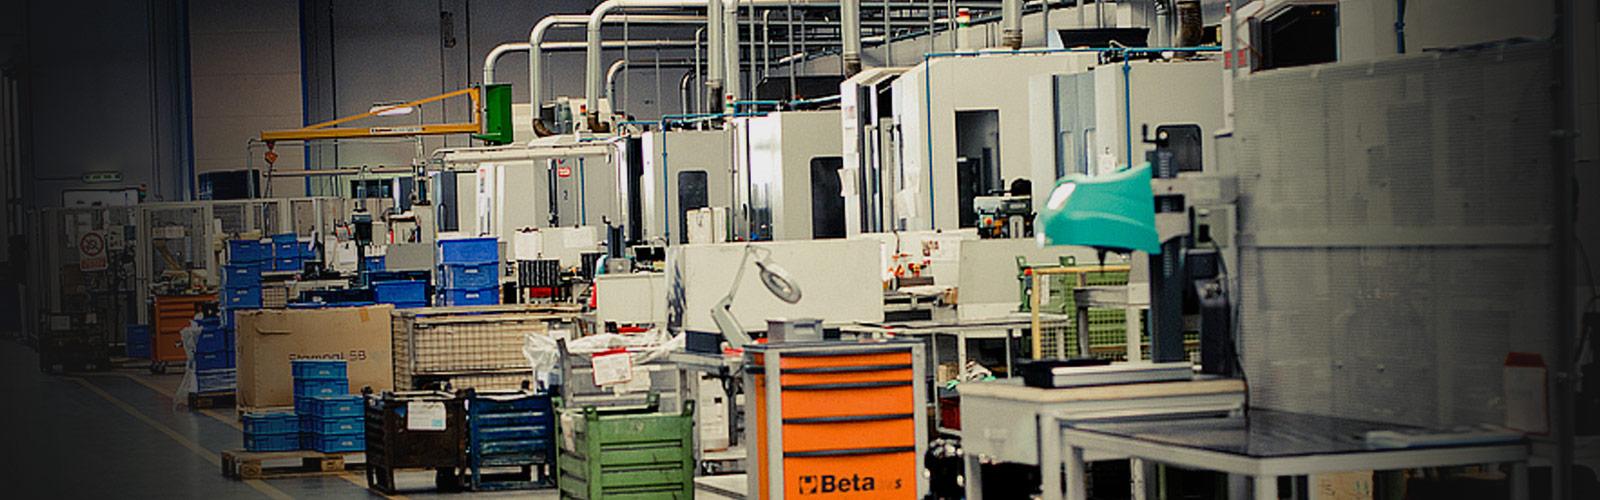 Sala lavorazione metalli